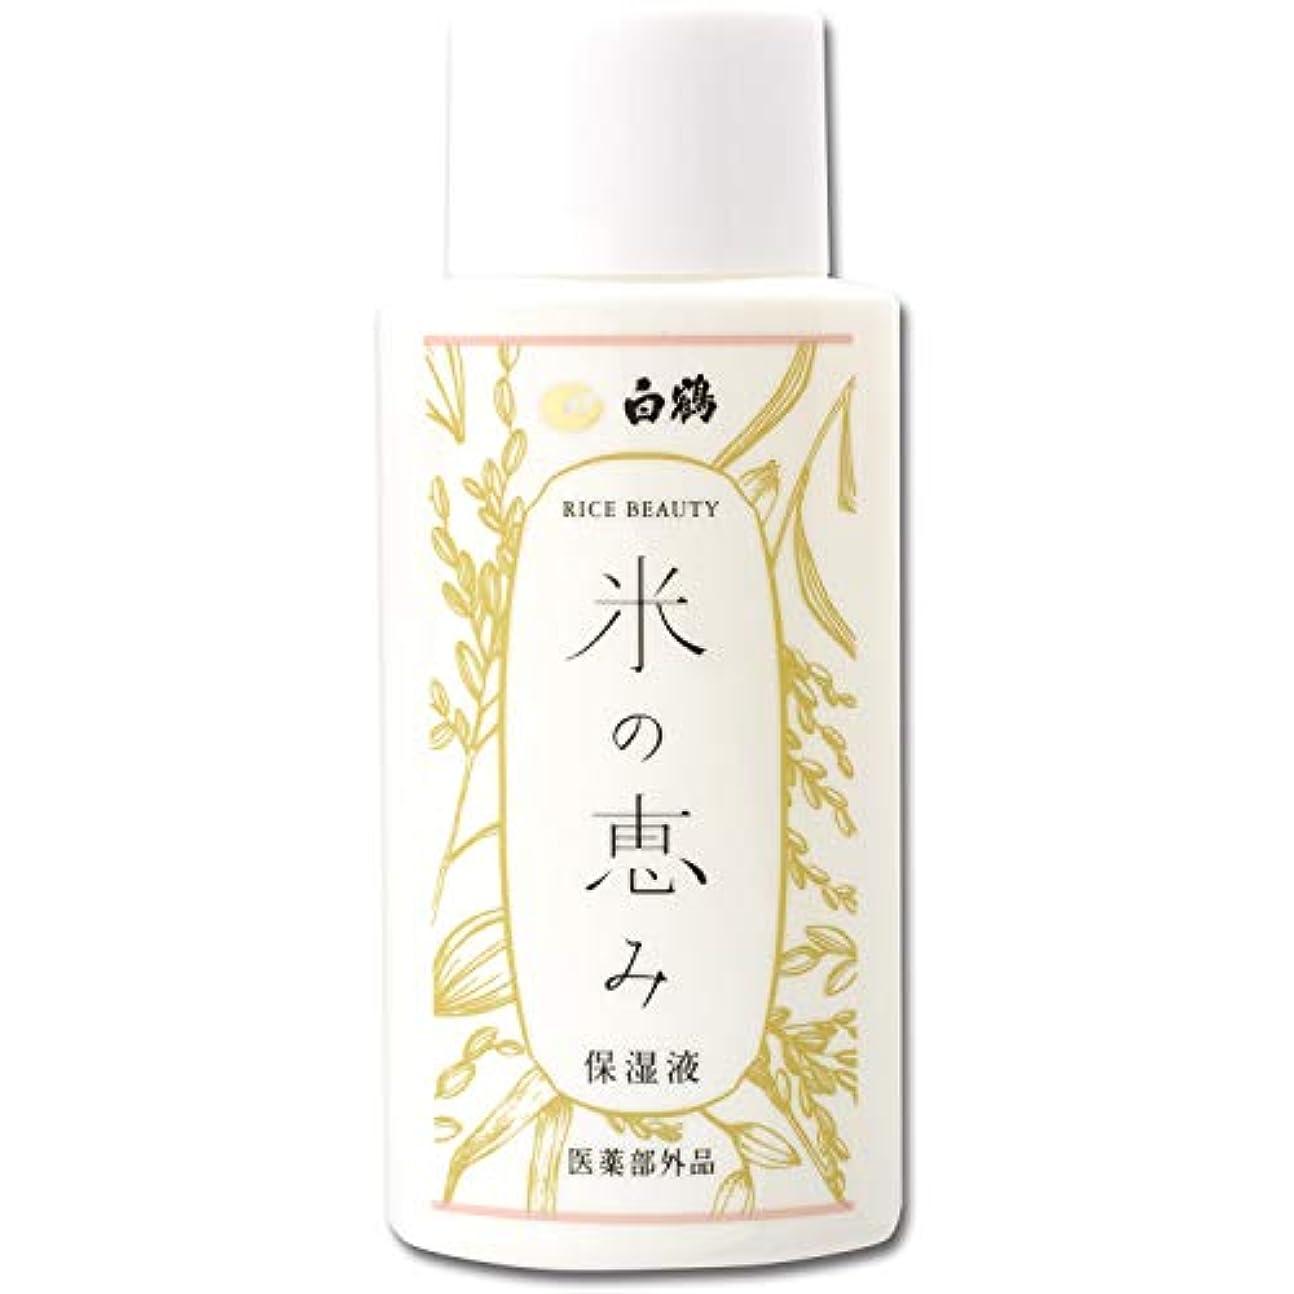 思い出させる契約した有能な白鶴 ライスビューティー 米の恵み 保湿液 150ml(高保湿とろみ化粧水/医薬部外品)